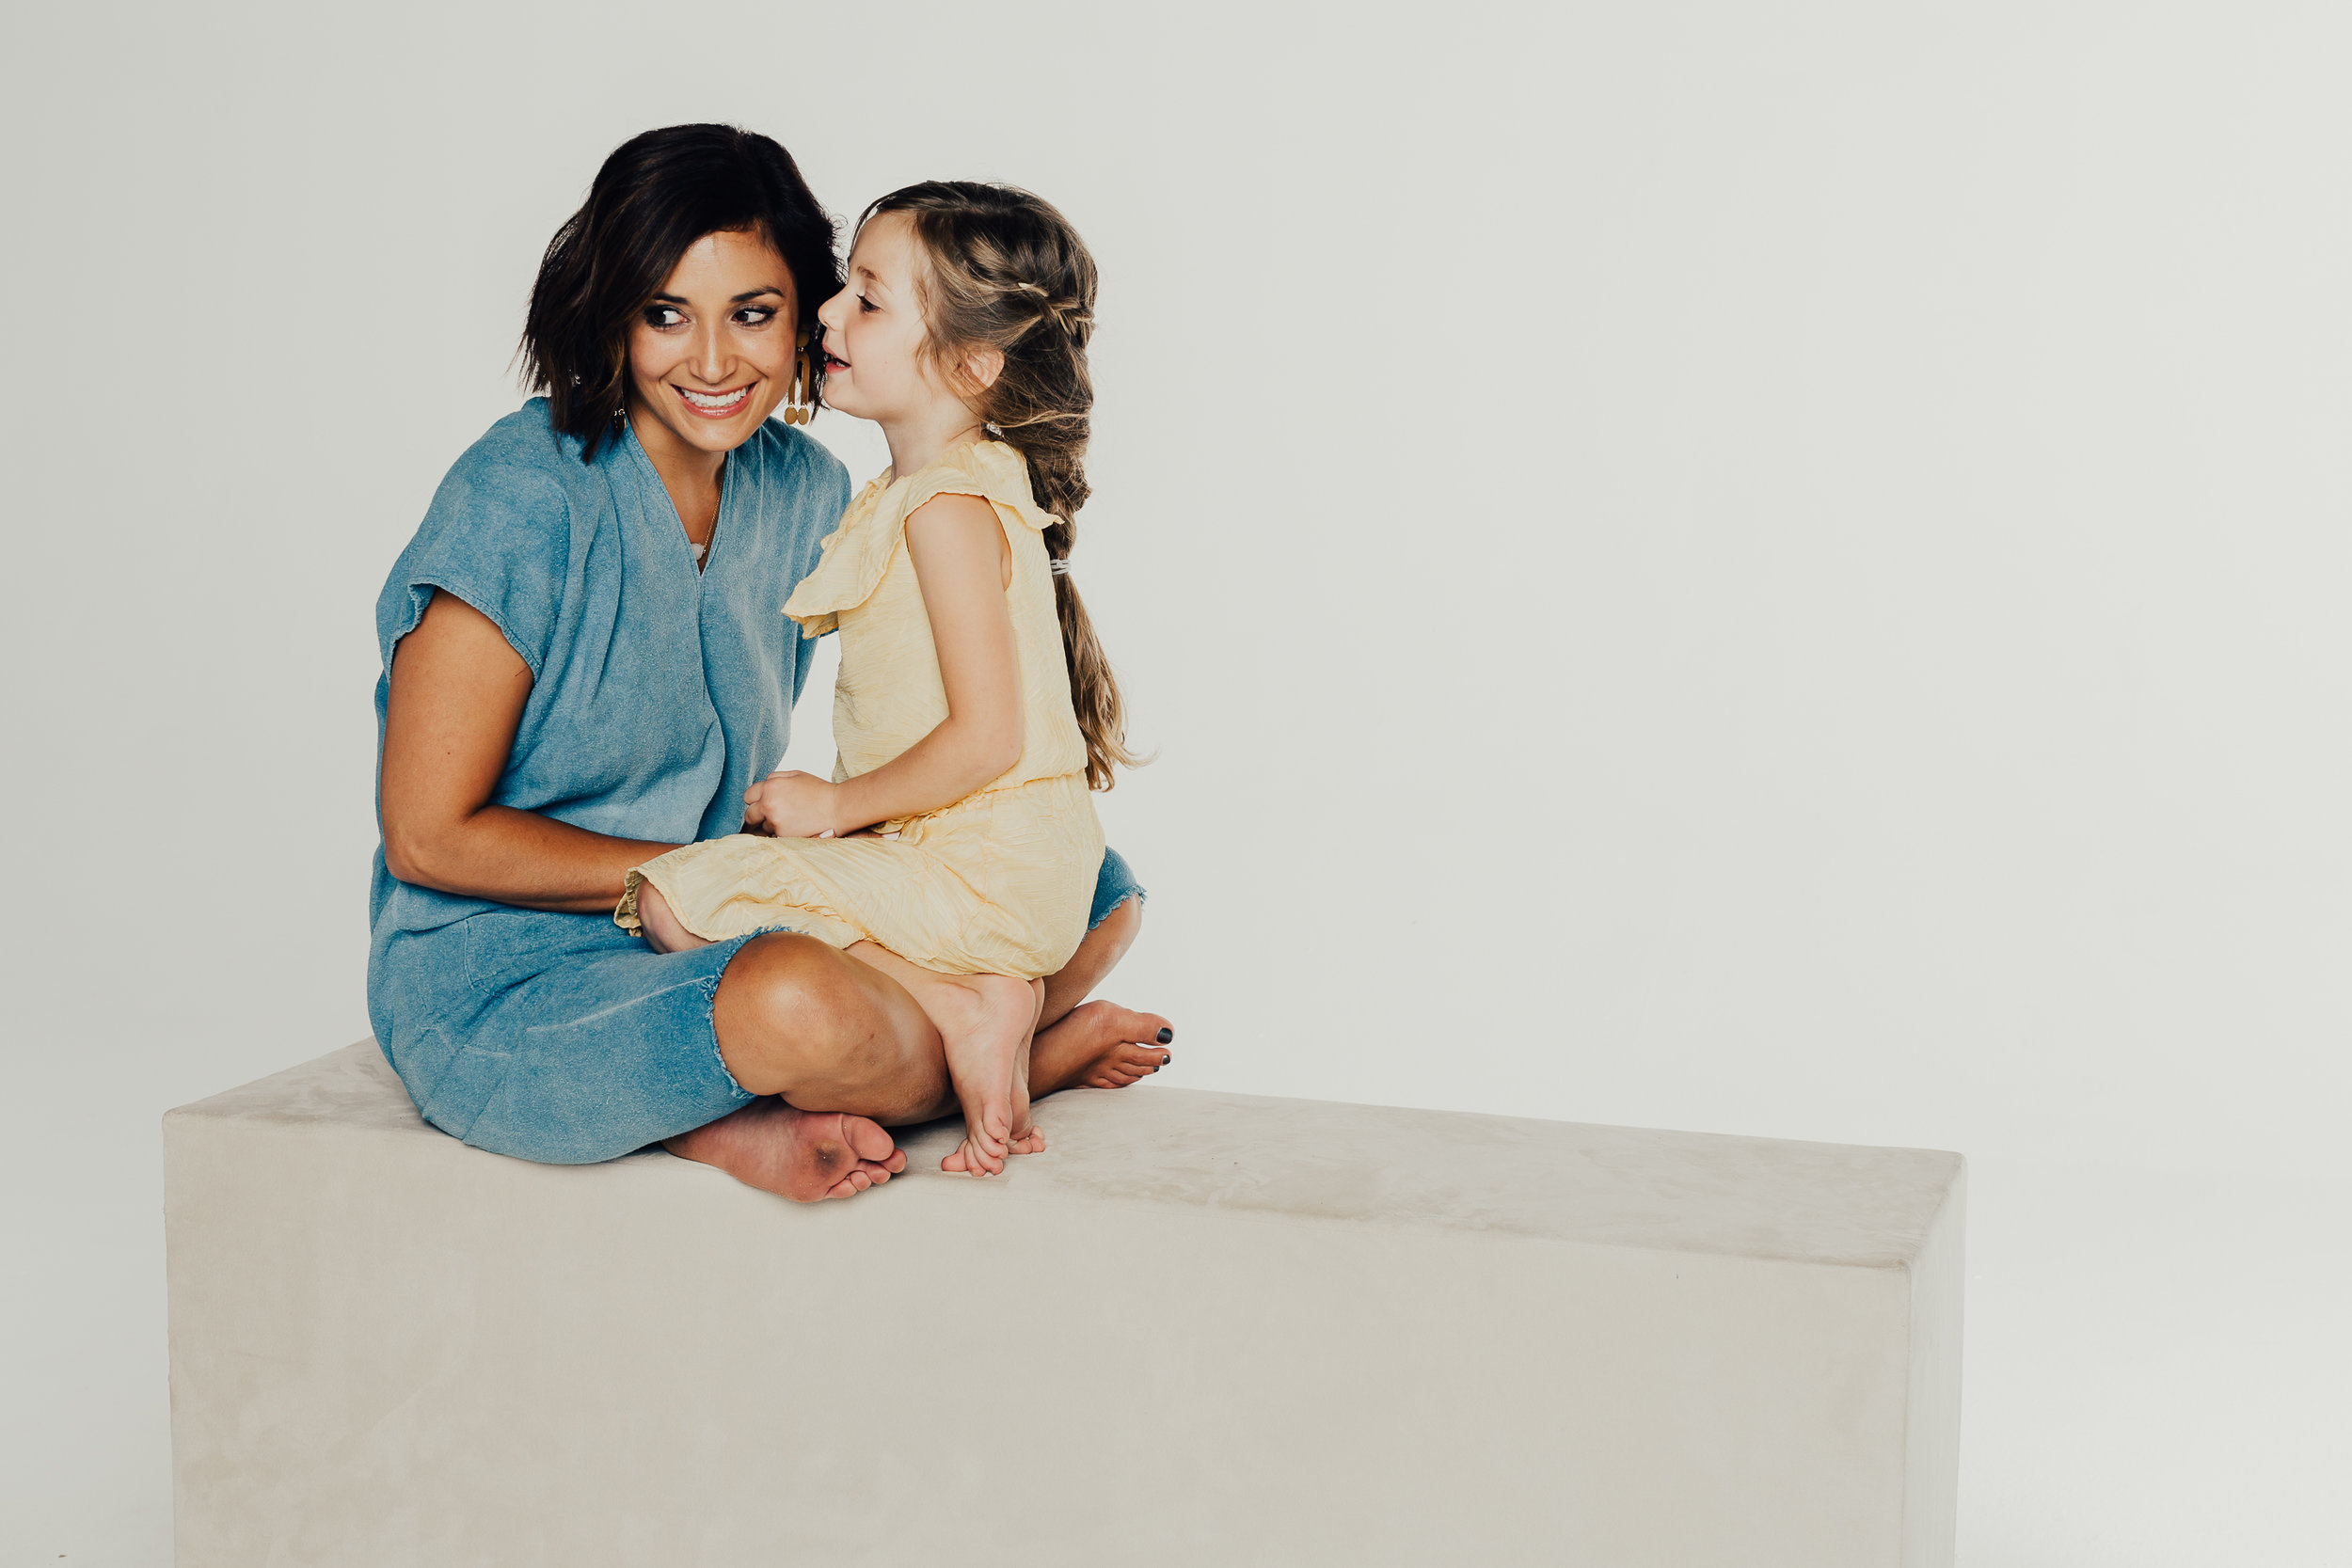 Gianna Keiko Atlanta Family Studio Portrait Photographer-30.jpg